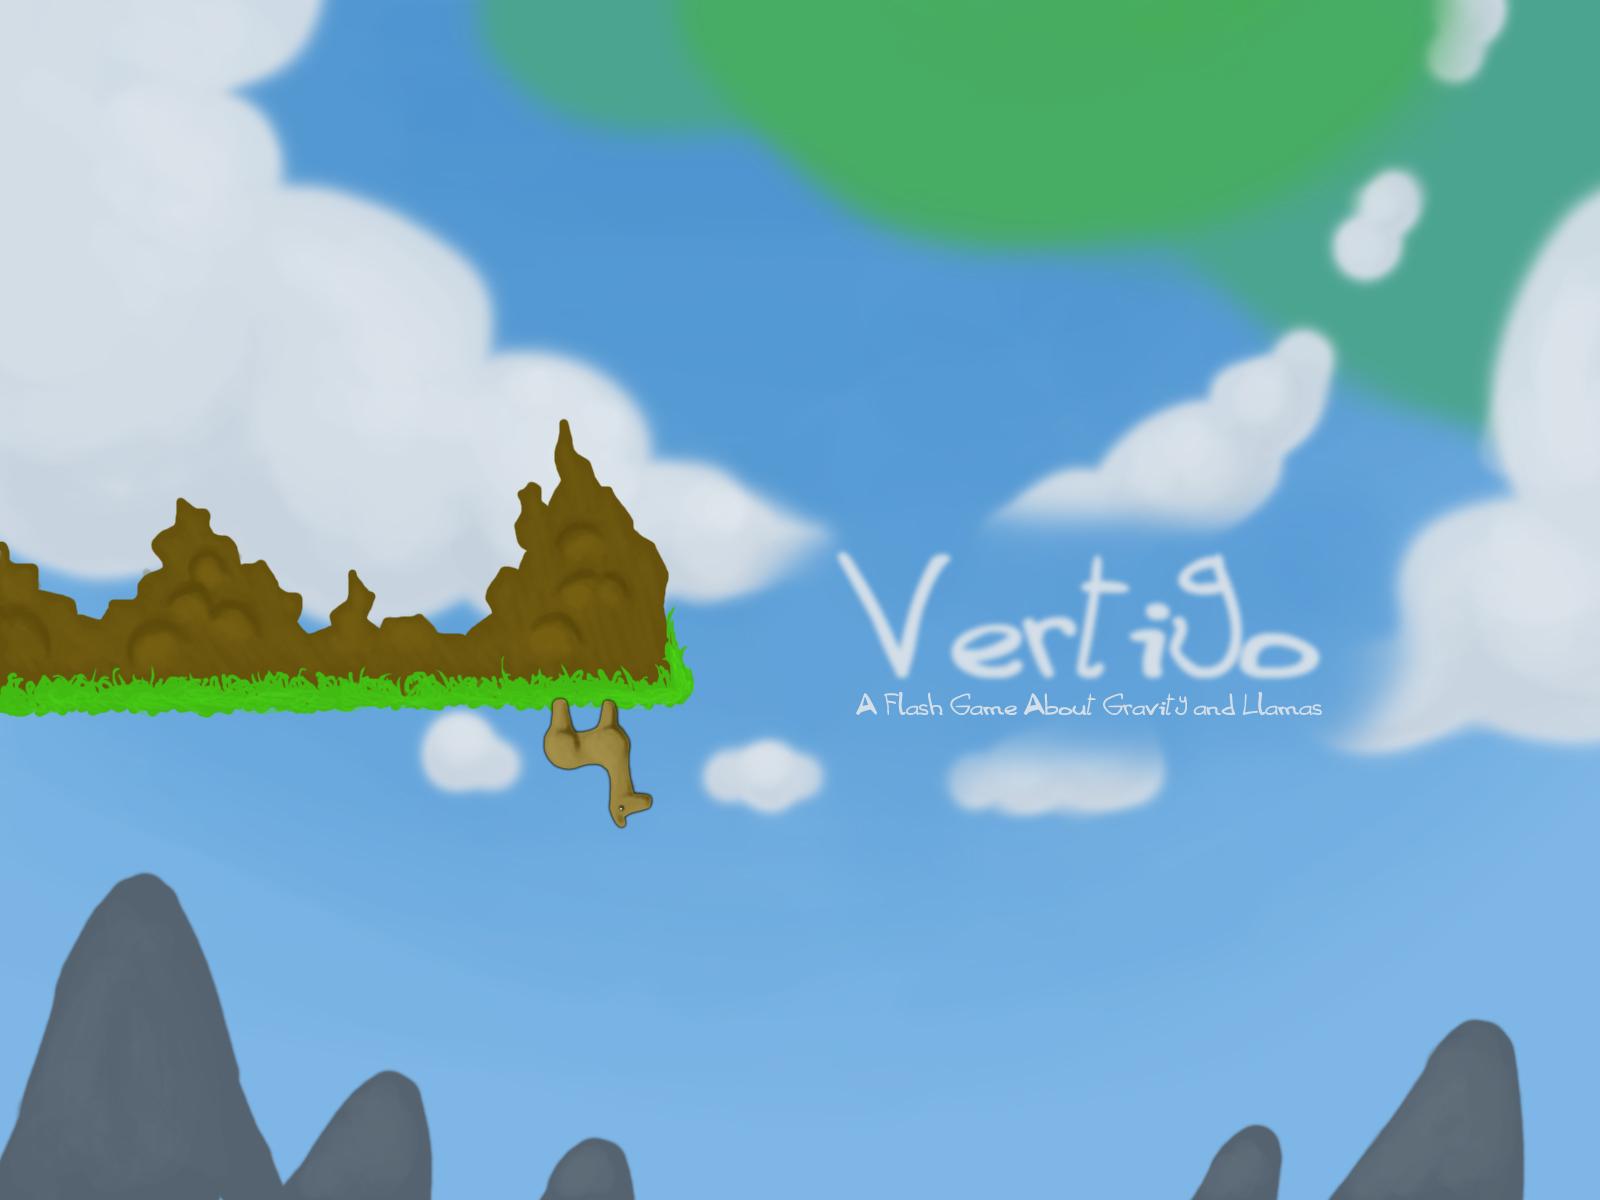 Vertigo Wallpaper : World 1